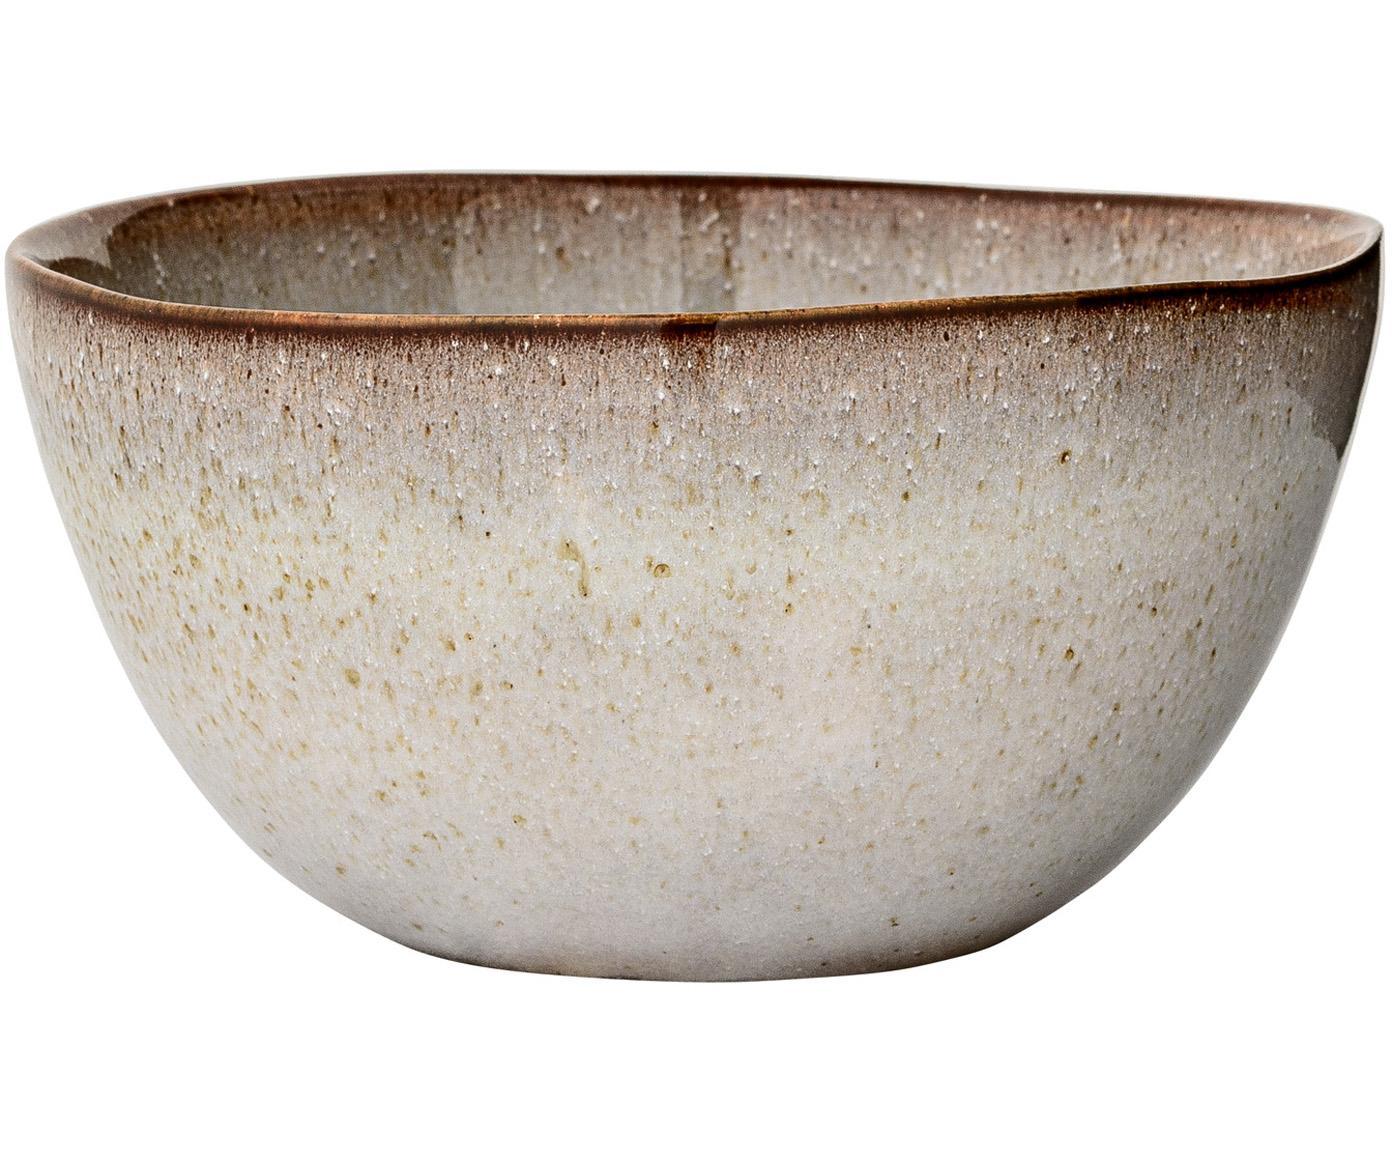 Handgemaakte schalen Sandrine, 6 stuks, Keramiek, Lichtgrijs, Ø 15 x H 8 cm